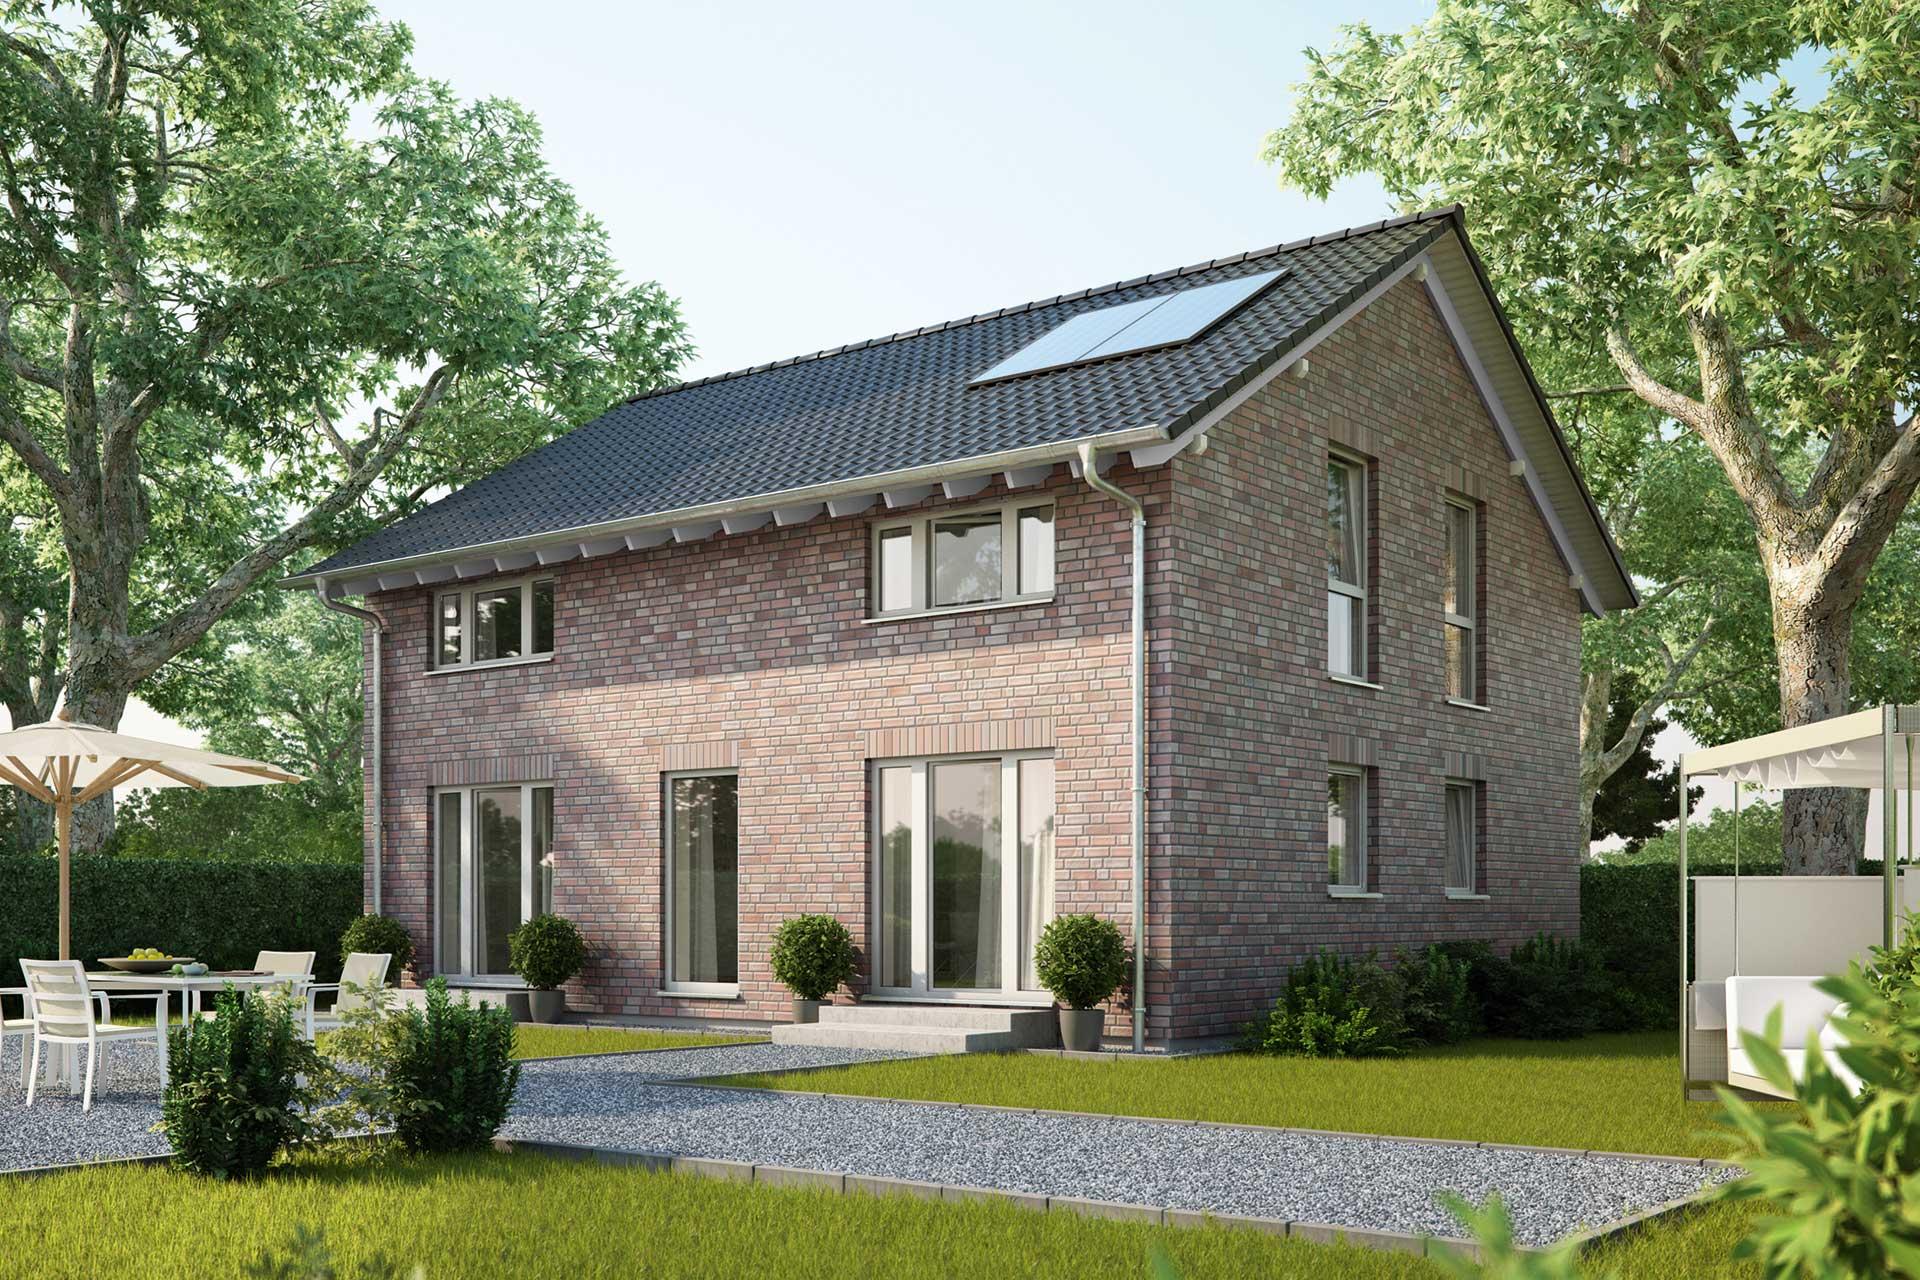 einfamilienhaus guenstig bauen - platanenallee - dominante